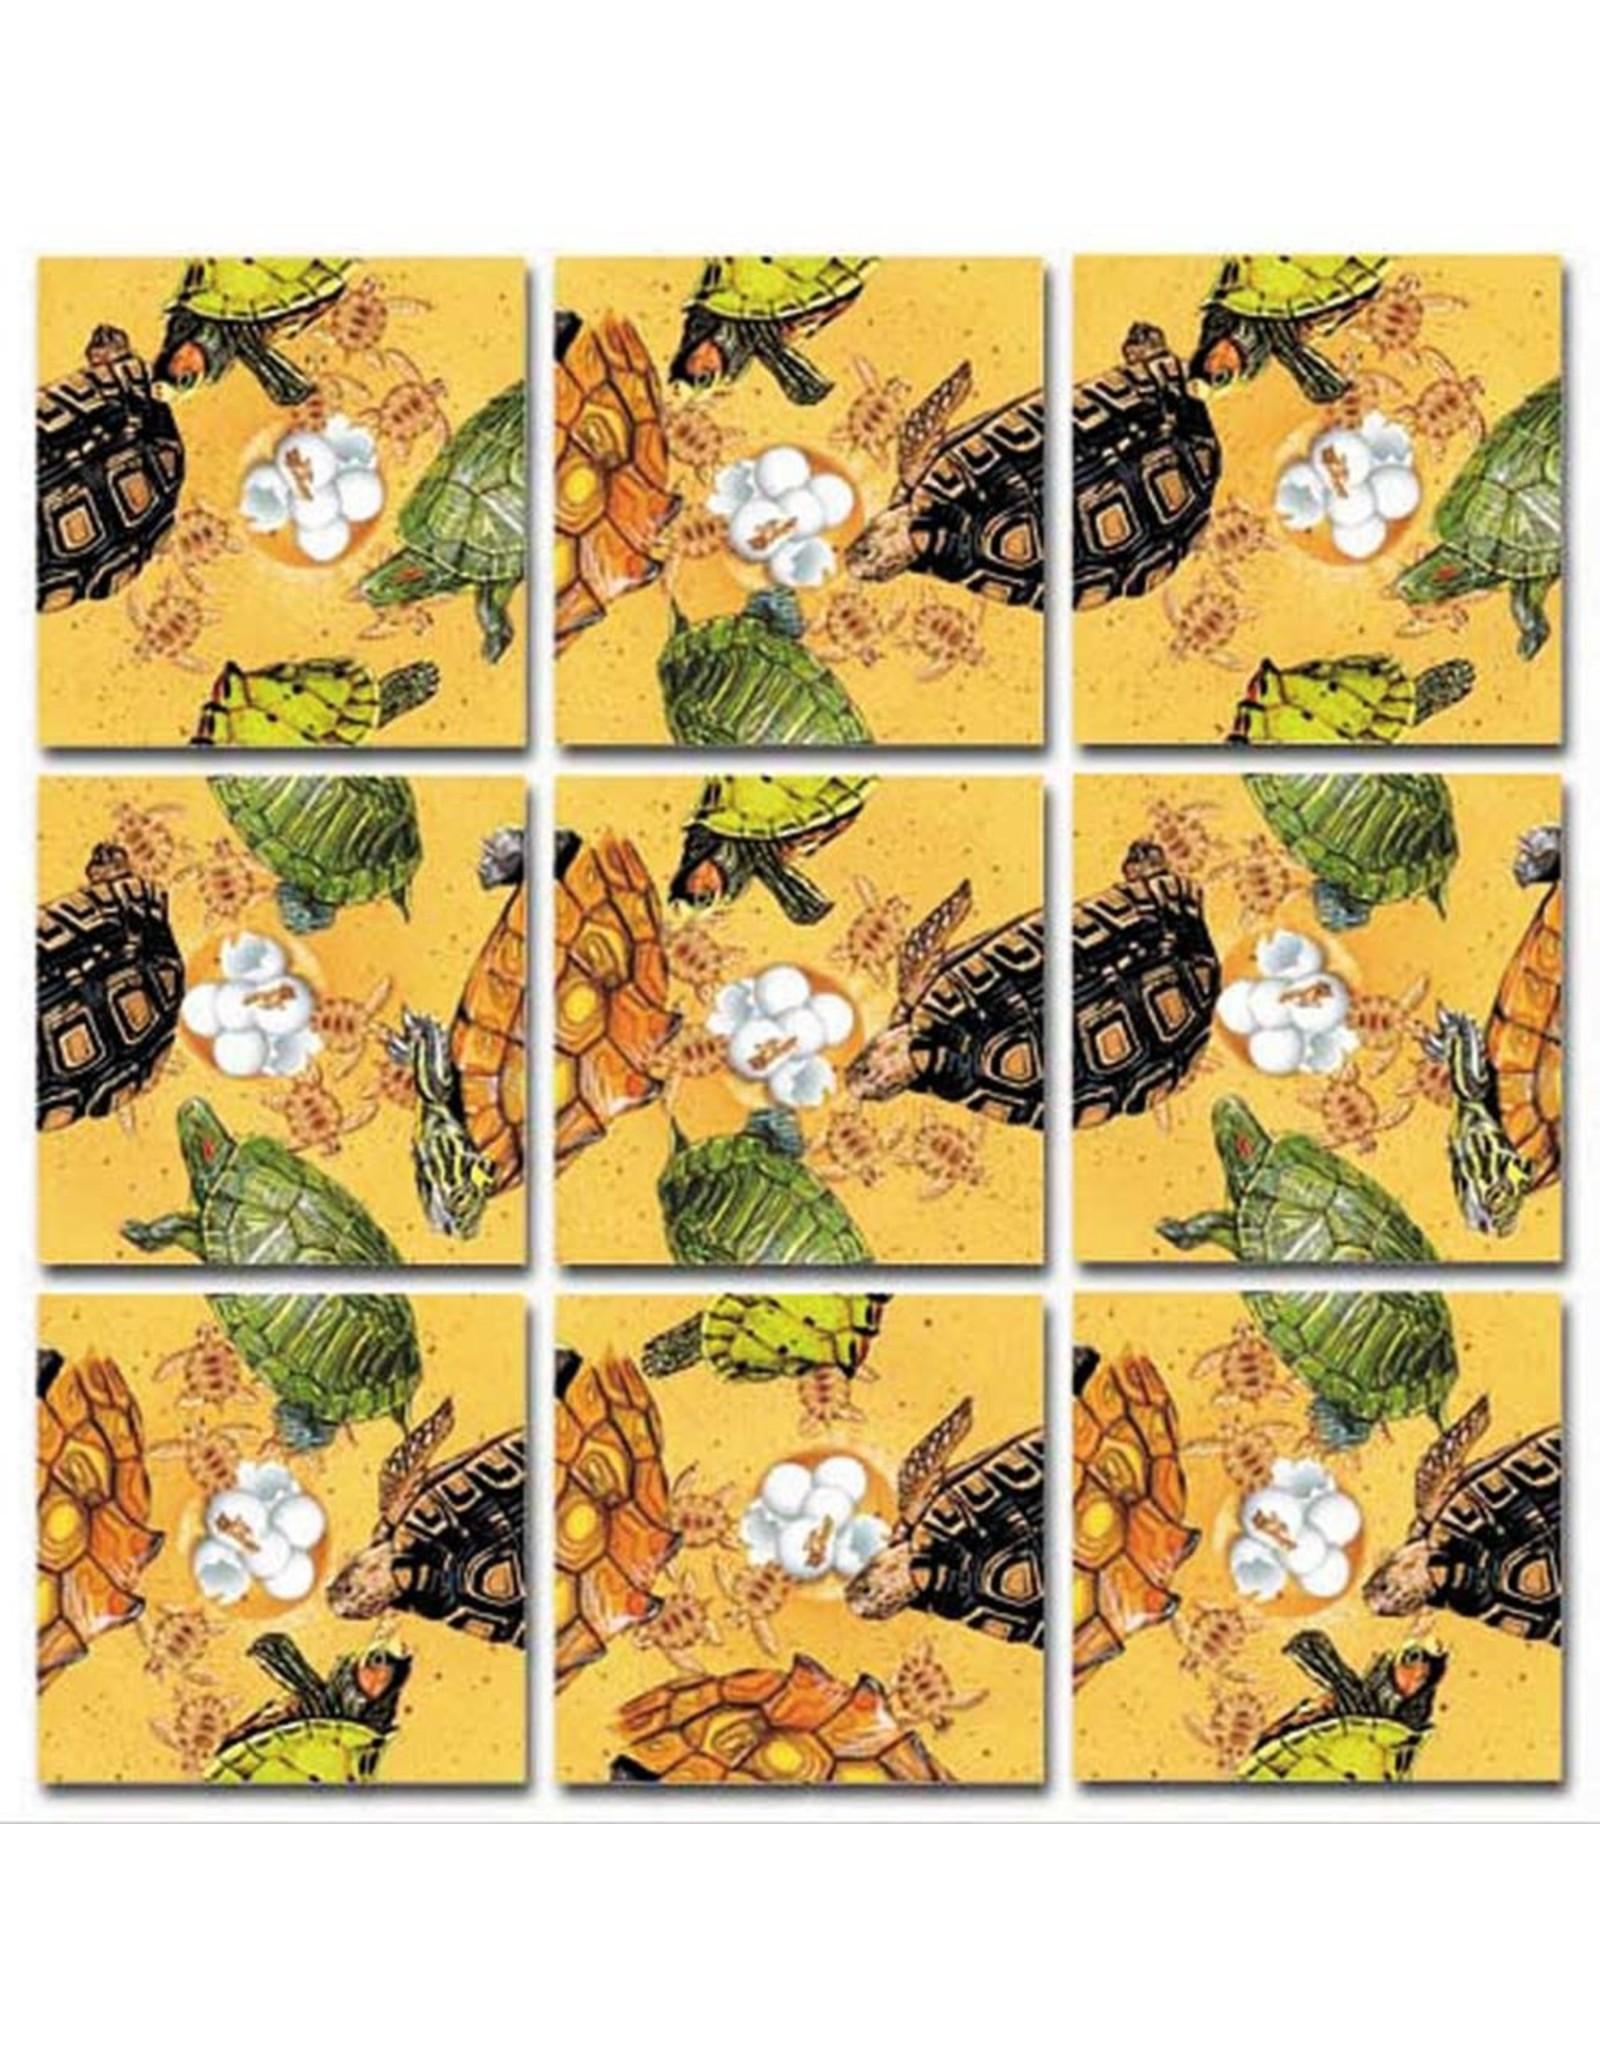 b.dazzle, inc. Turtles Scramble Squares